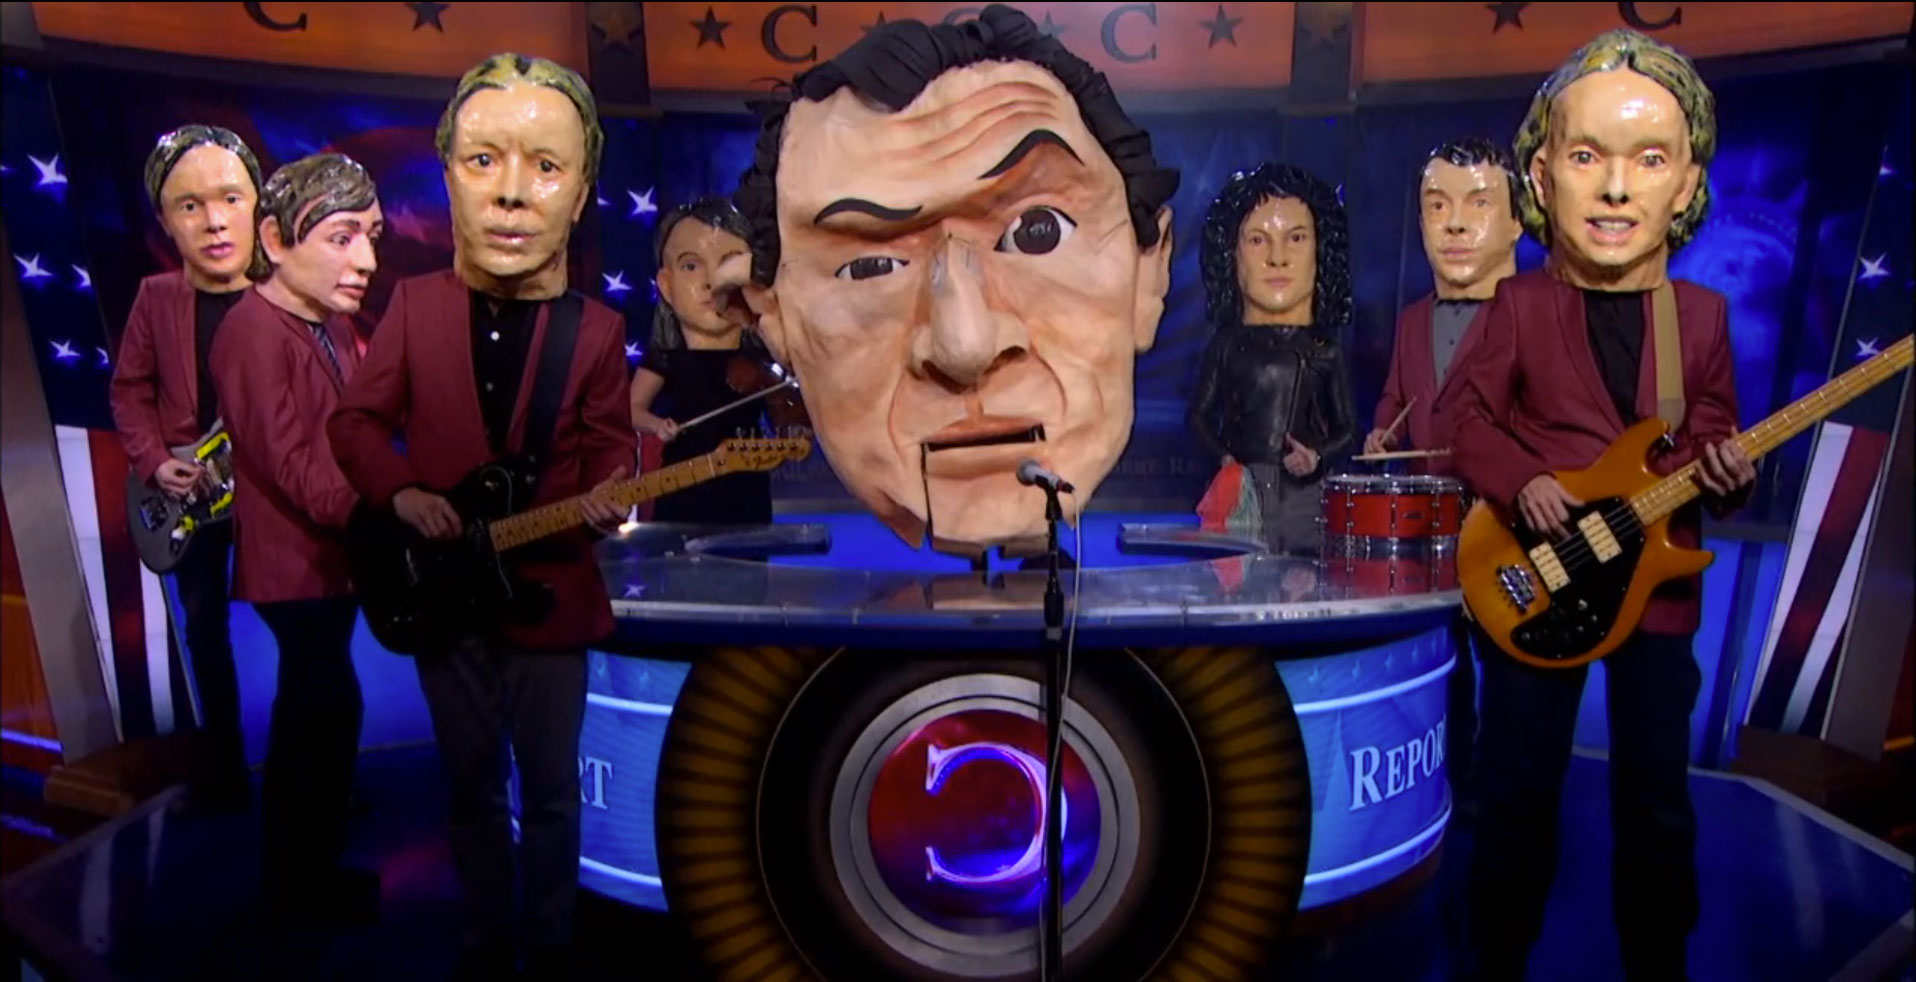 Watch Arcade Fire On <em>The Colbert Report</em>